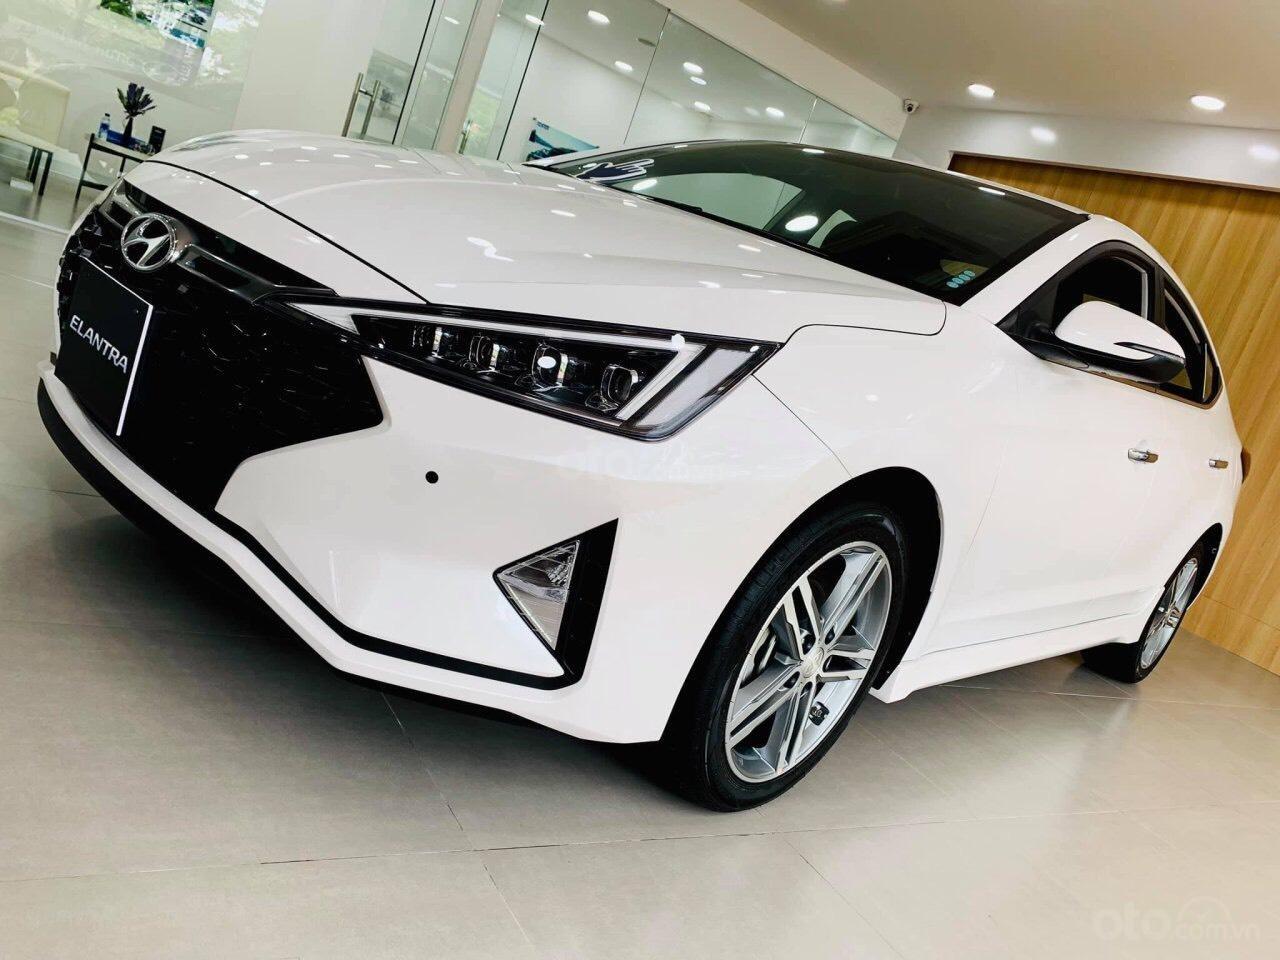 Hyundai Elantra giá cực tốt, nhiều khuyến mãi và quà tặng, hỗ trợ ngân hàng 80% giá xe (9)